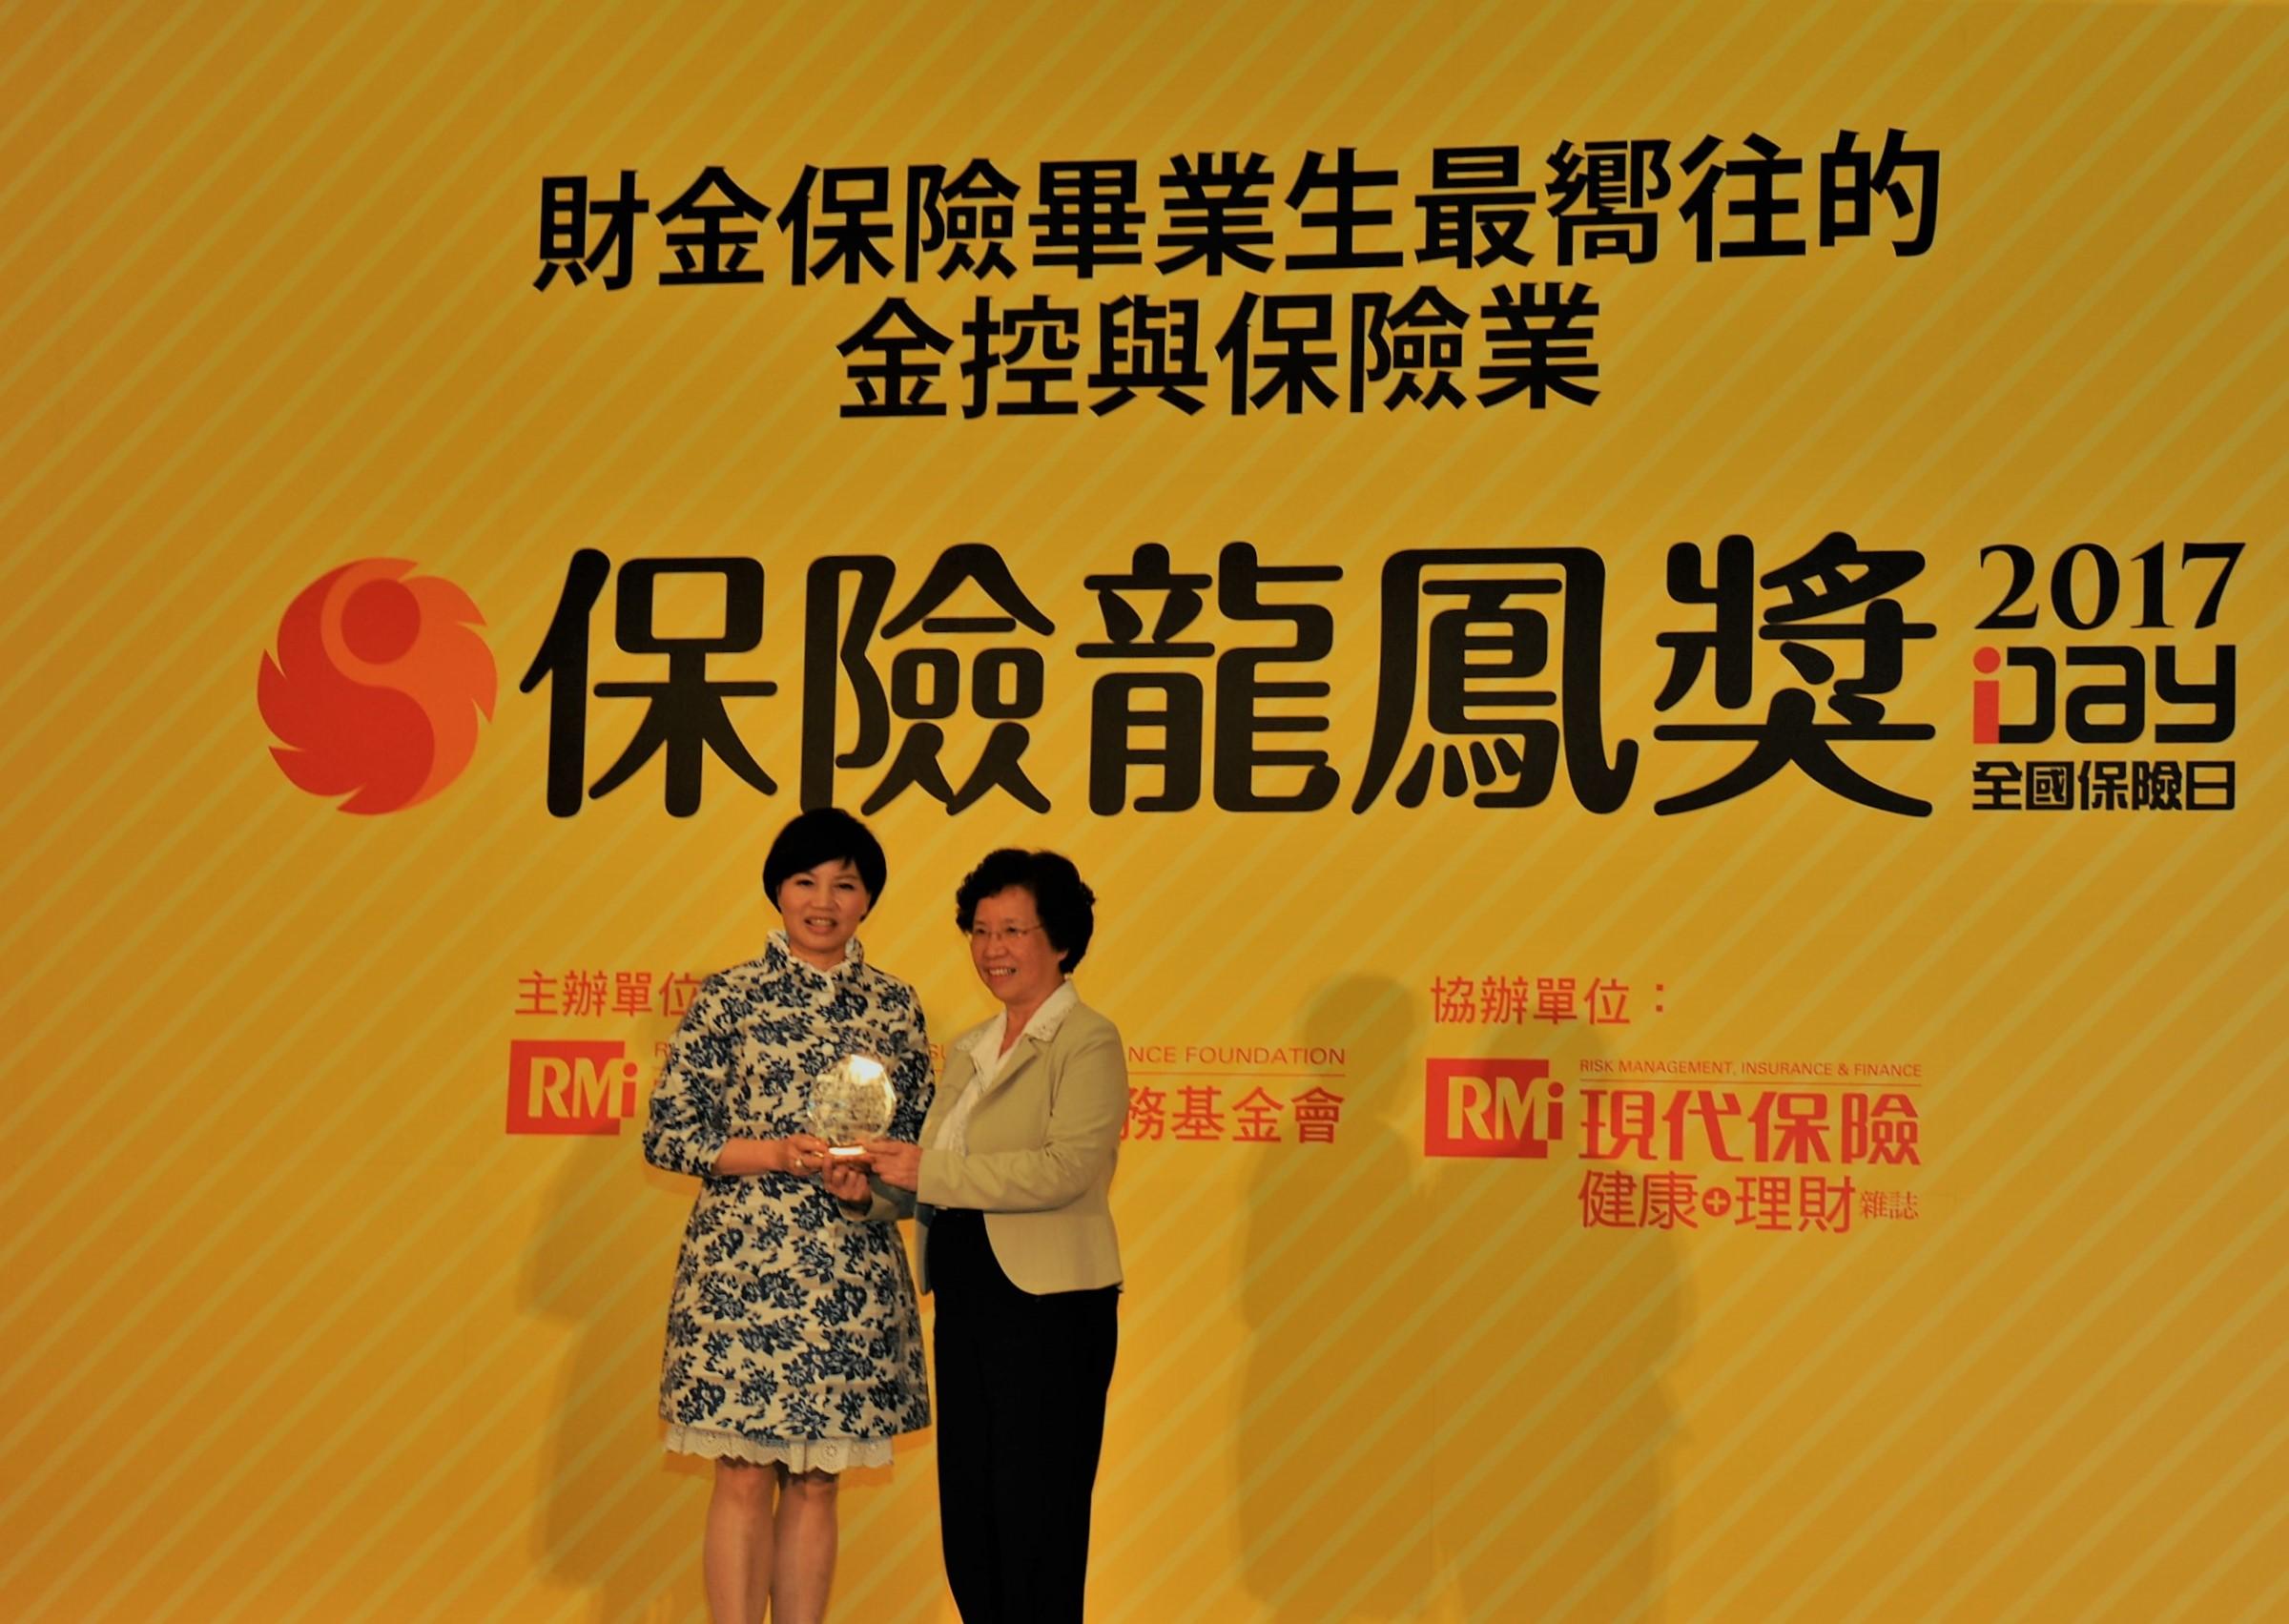 「保險龍鳳獎」之「外勤組-優等獎」由現代保險教育事務基金會林麗銖董事長頒獎,本公司王副總經理淑敏代表公司領獎。